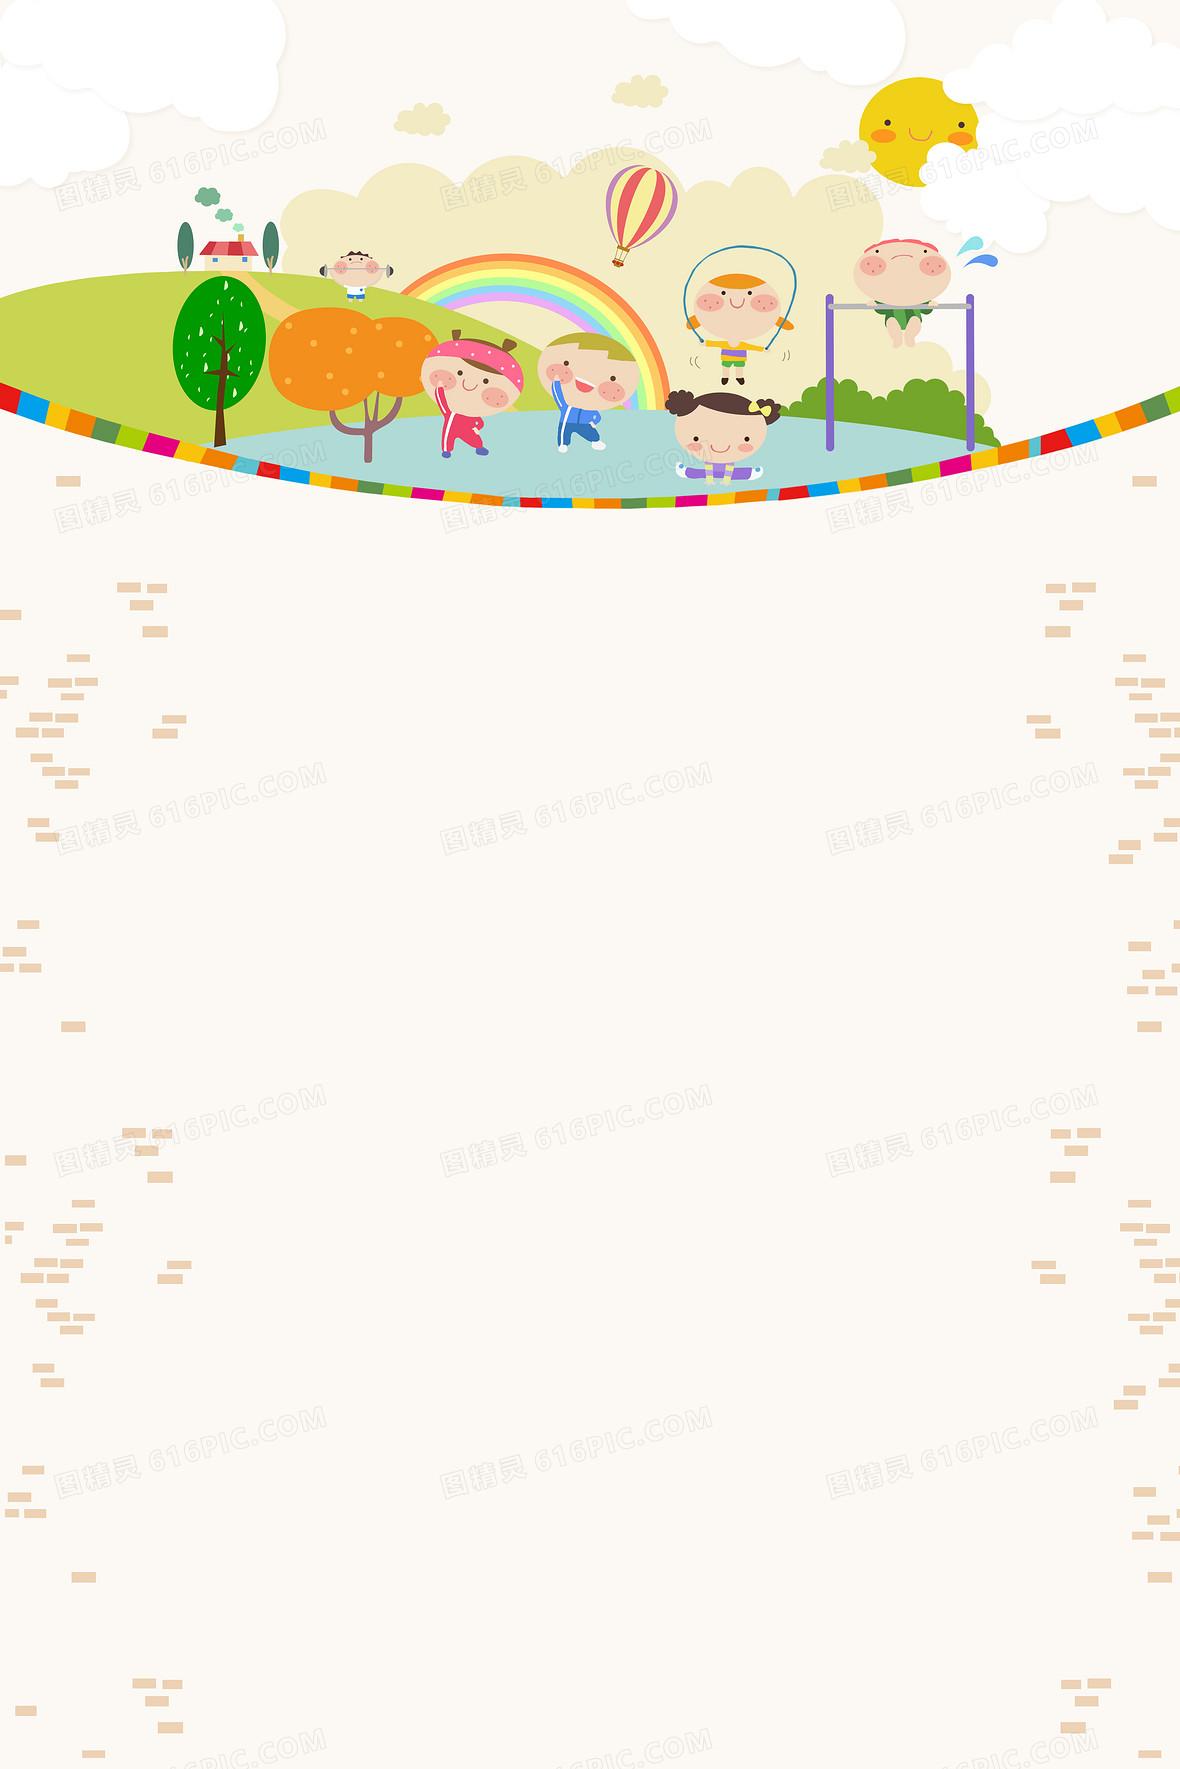 原創手繪幼兒園兒童運動卡通海報背景